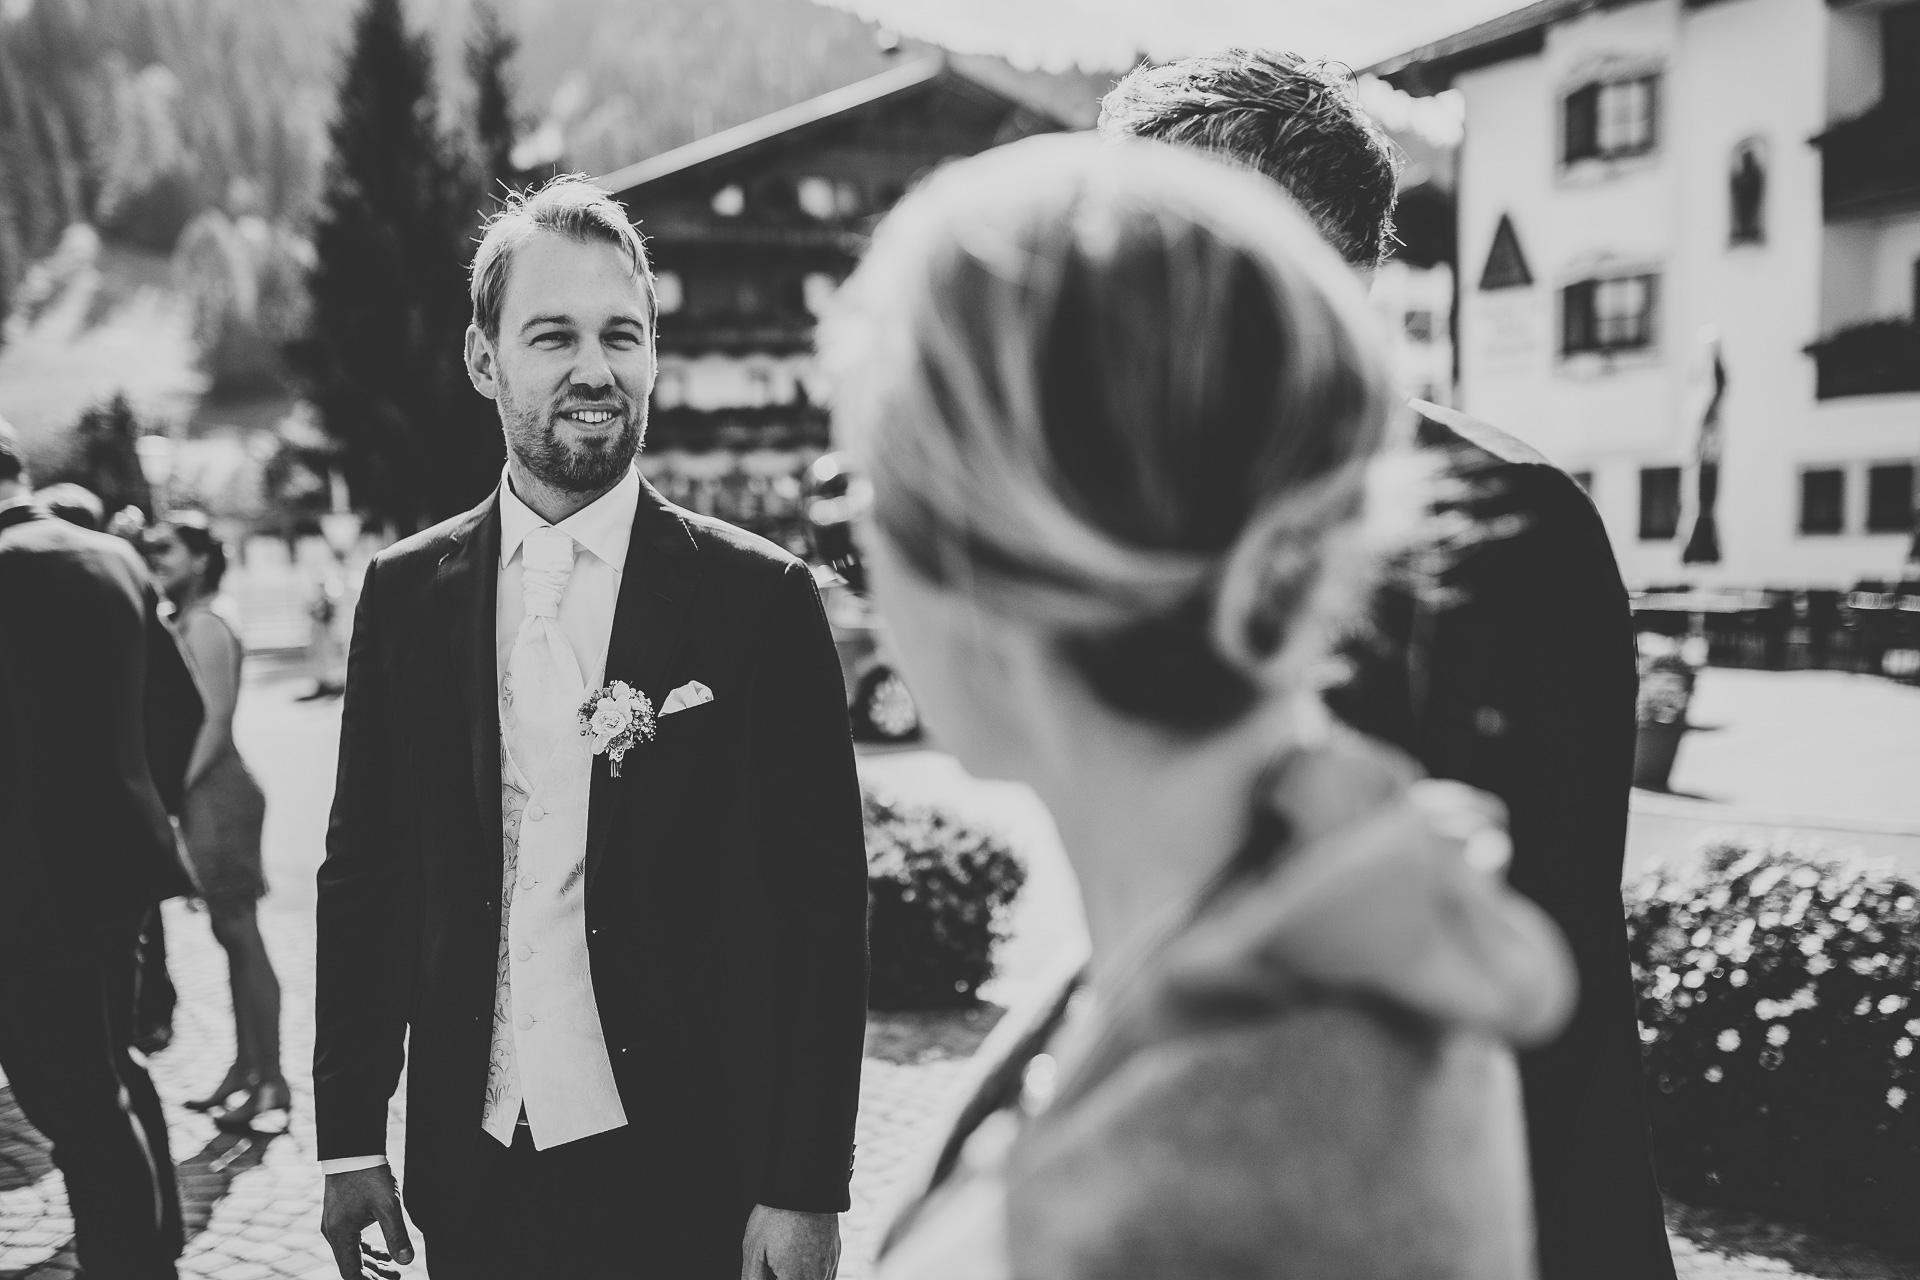 Alexander Utz, Fotografie, Hochzeit, Augsburg, Brautkleid, Brautstrauss-29